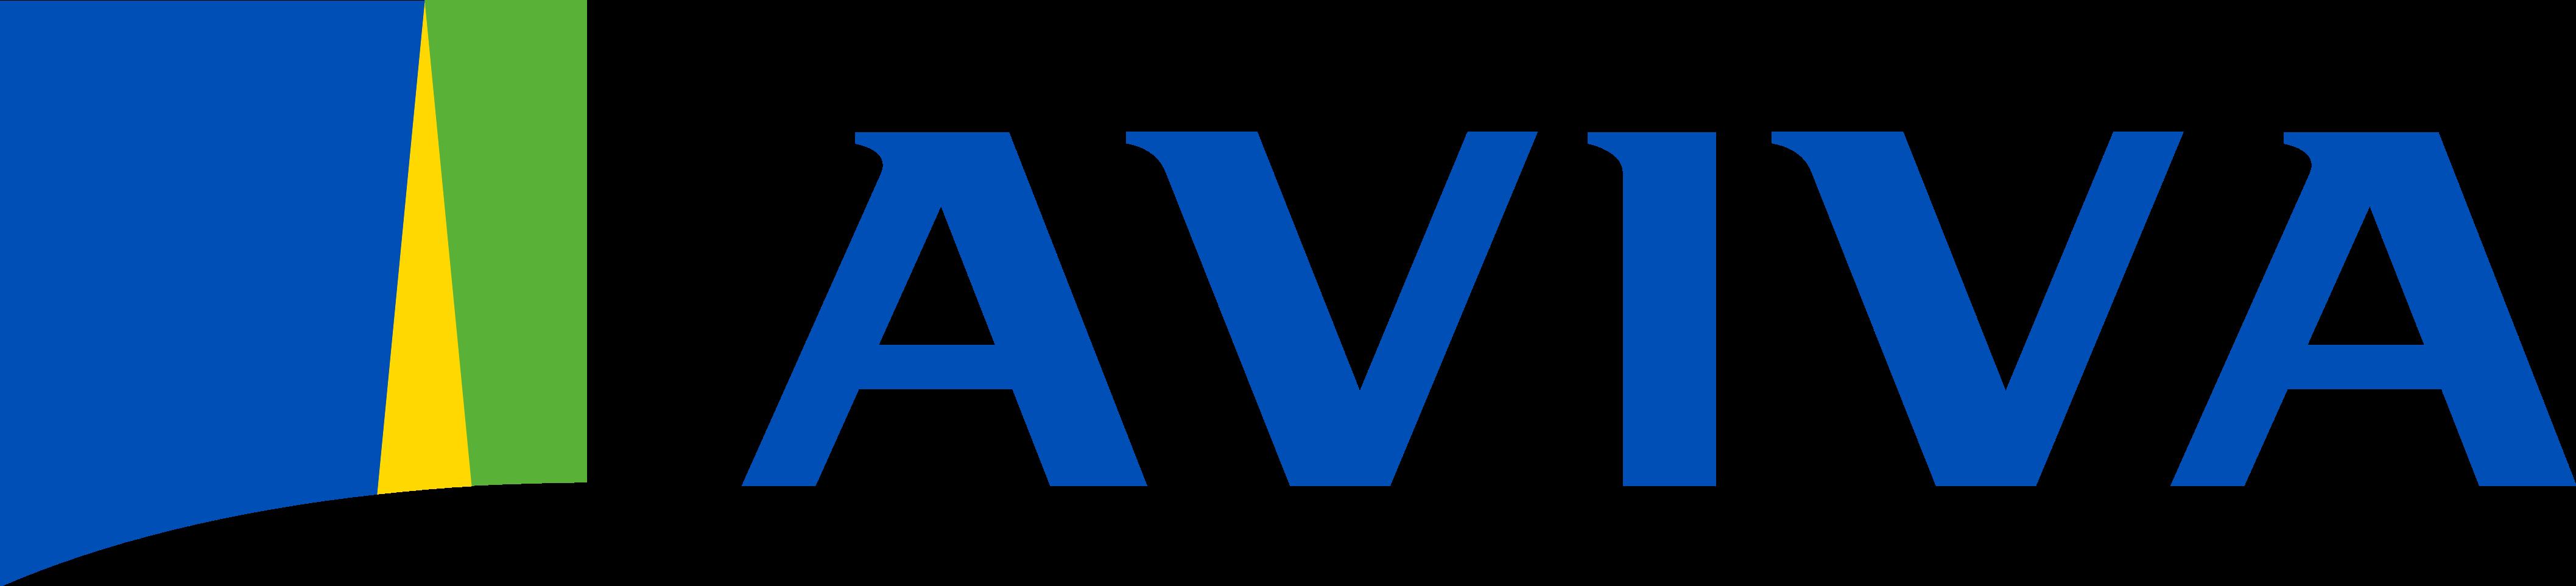 Aviva life cover logo